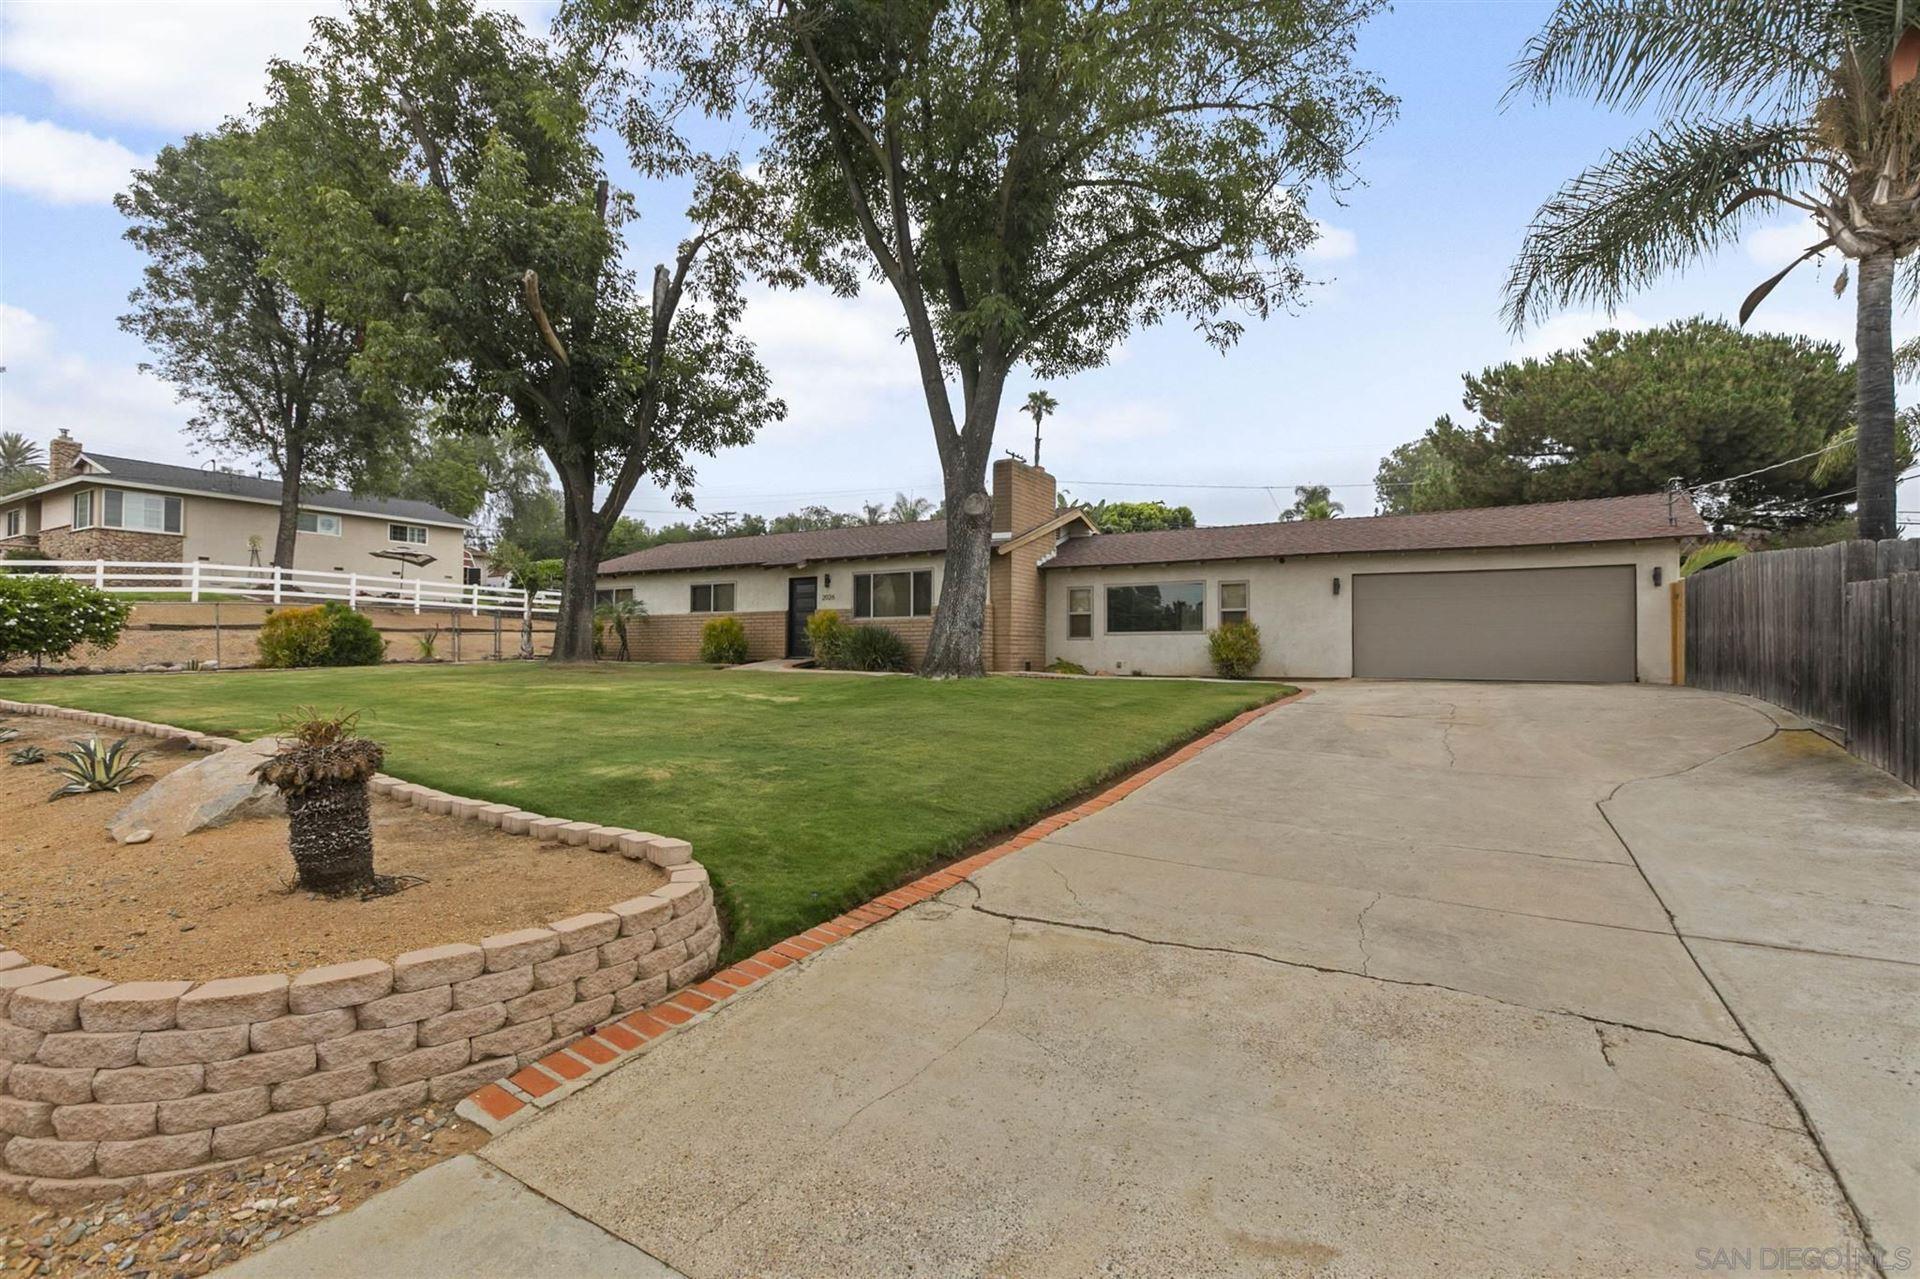 Photo of 2026 West Dr, El Cajon, CA 92021 (MLS # 210021260)